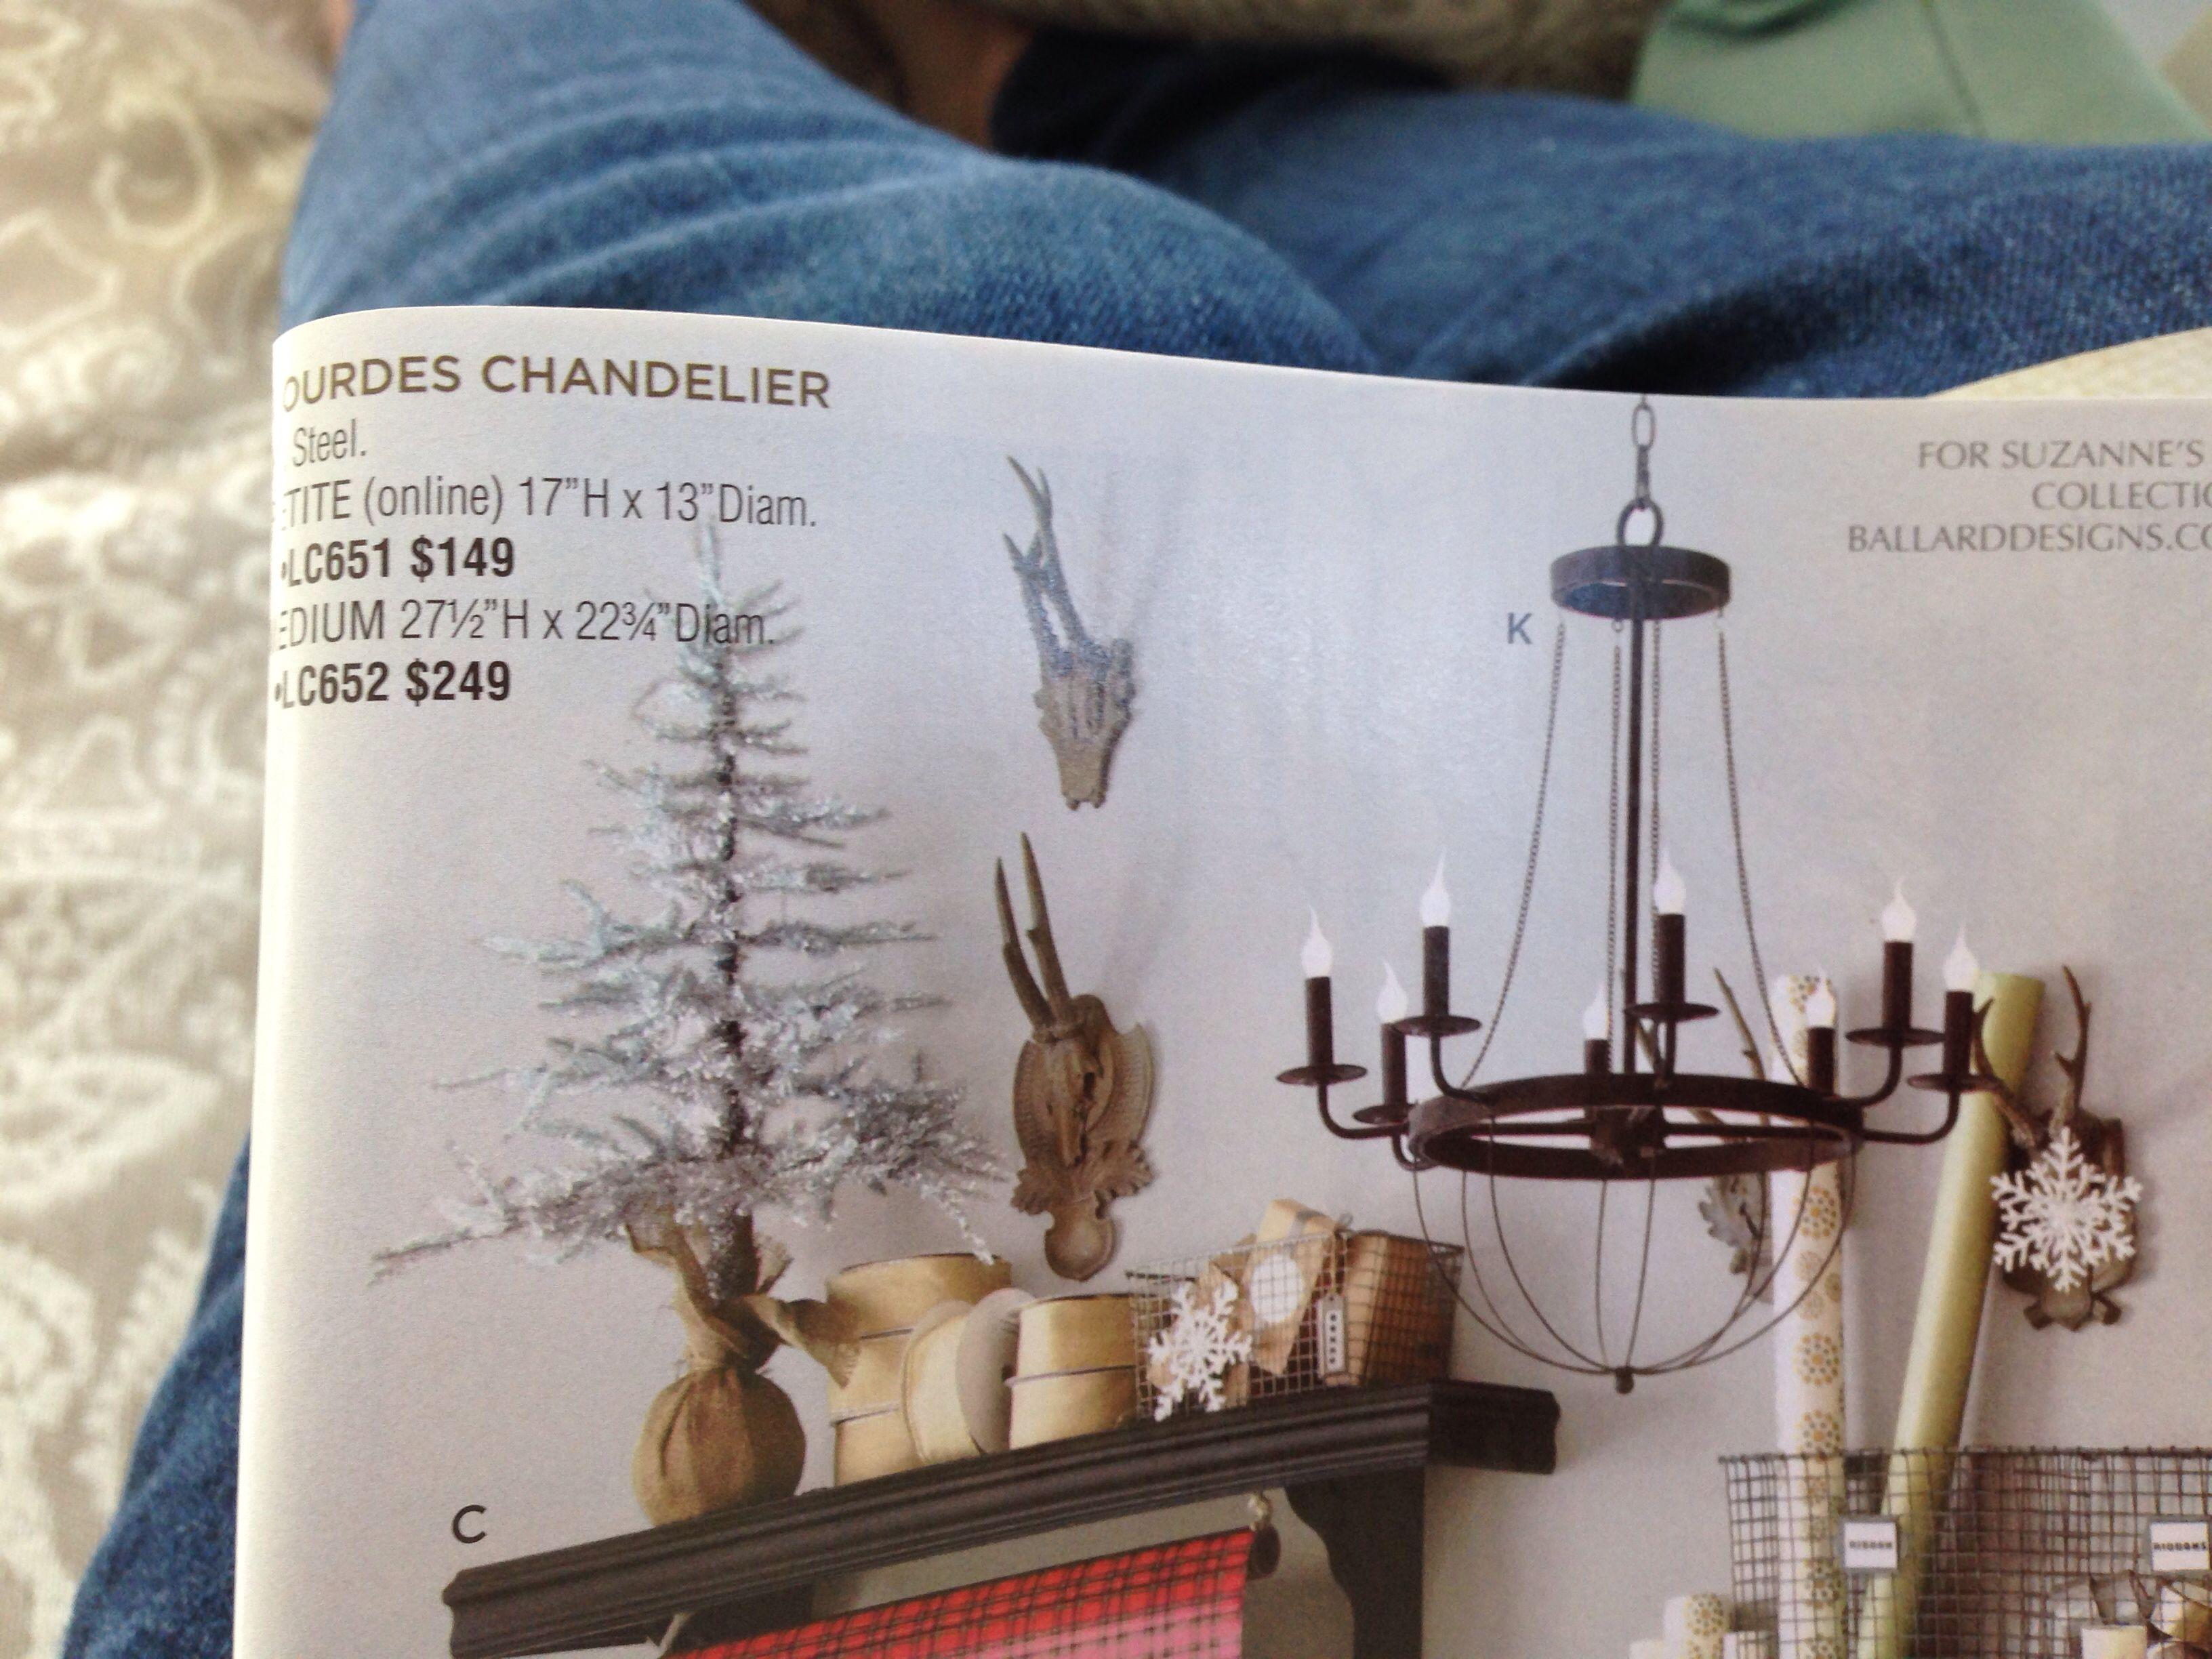 Pottery barn celeste chandelier - Lourdes Chandelier Ballard